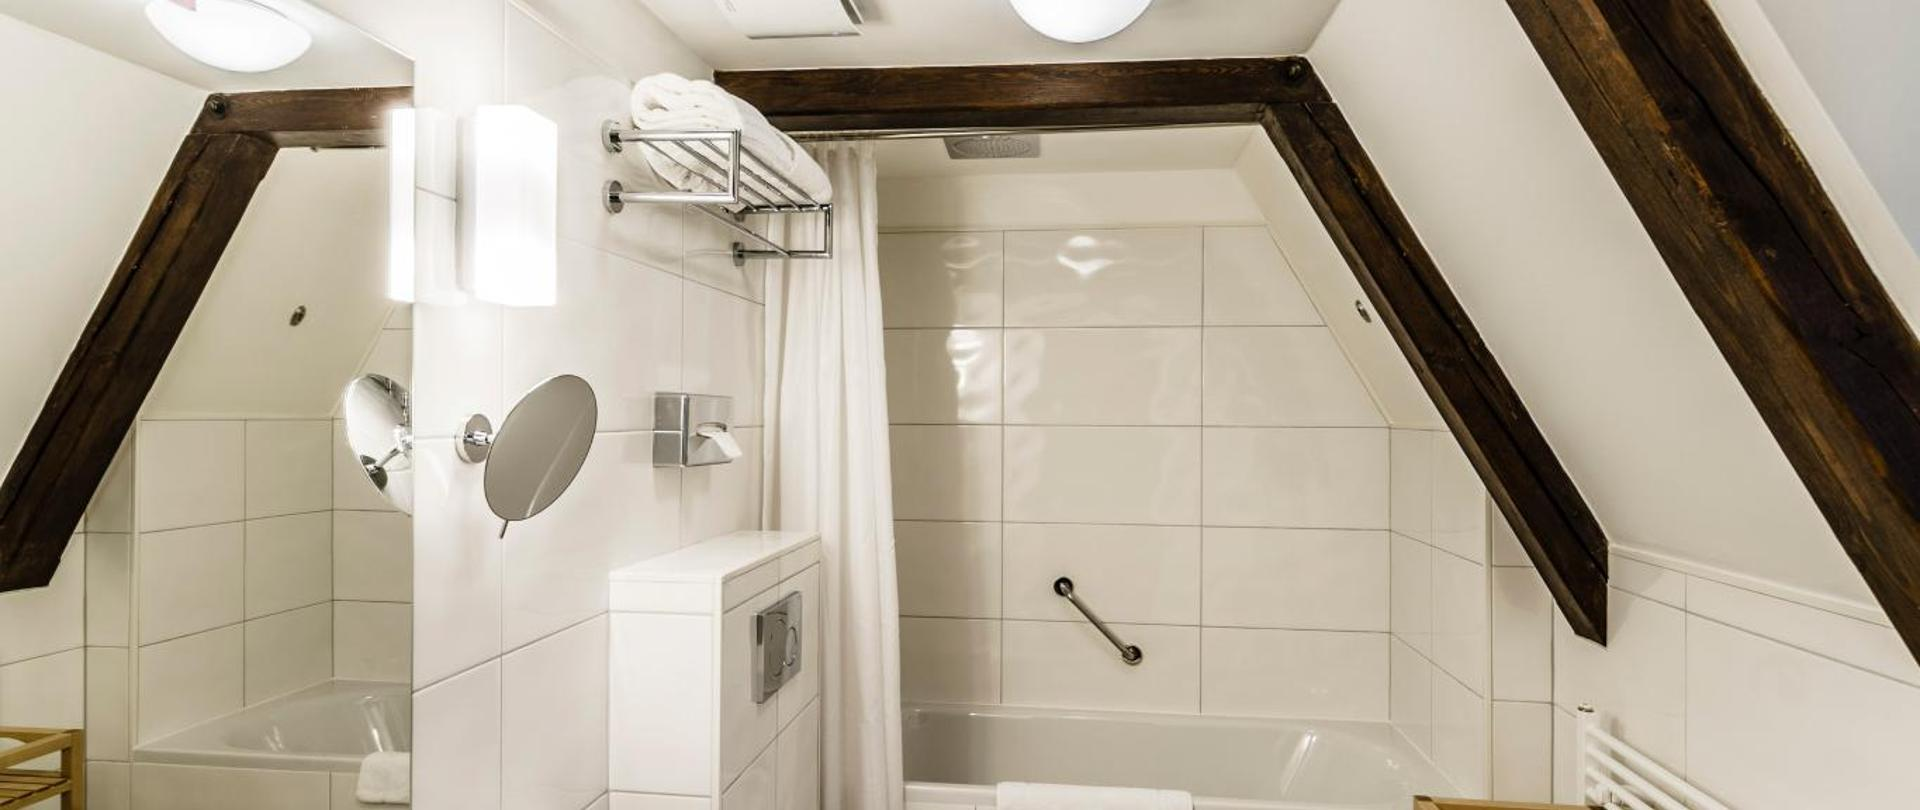 Dvoulůžkový pokoj_koupelna_2.jpg